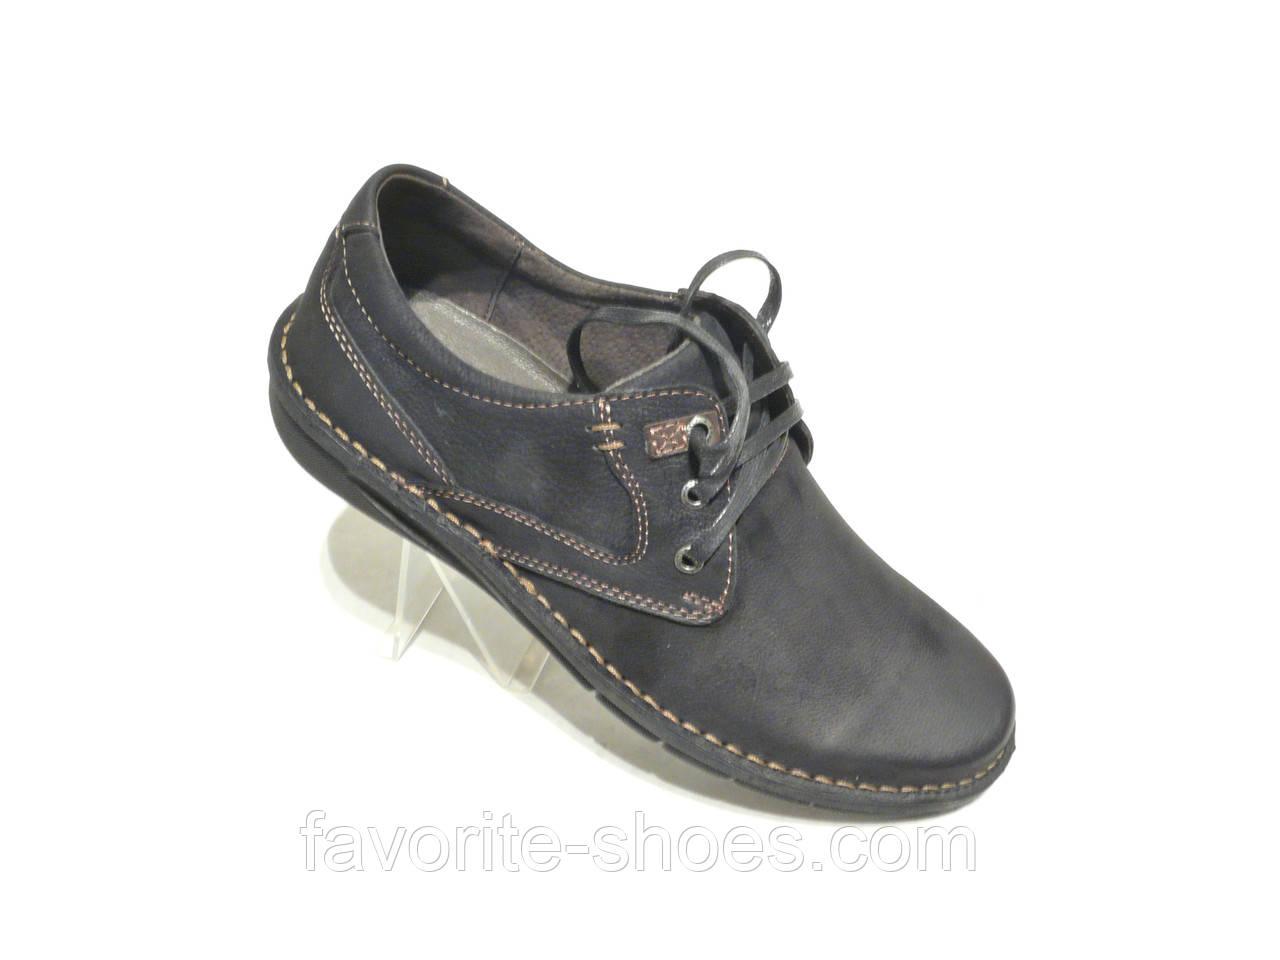 Мужские кожаные туфли черные DETTA макасин  продажа, цена в ... eec931d6af0